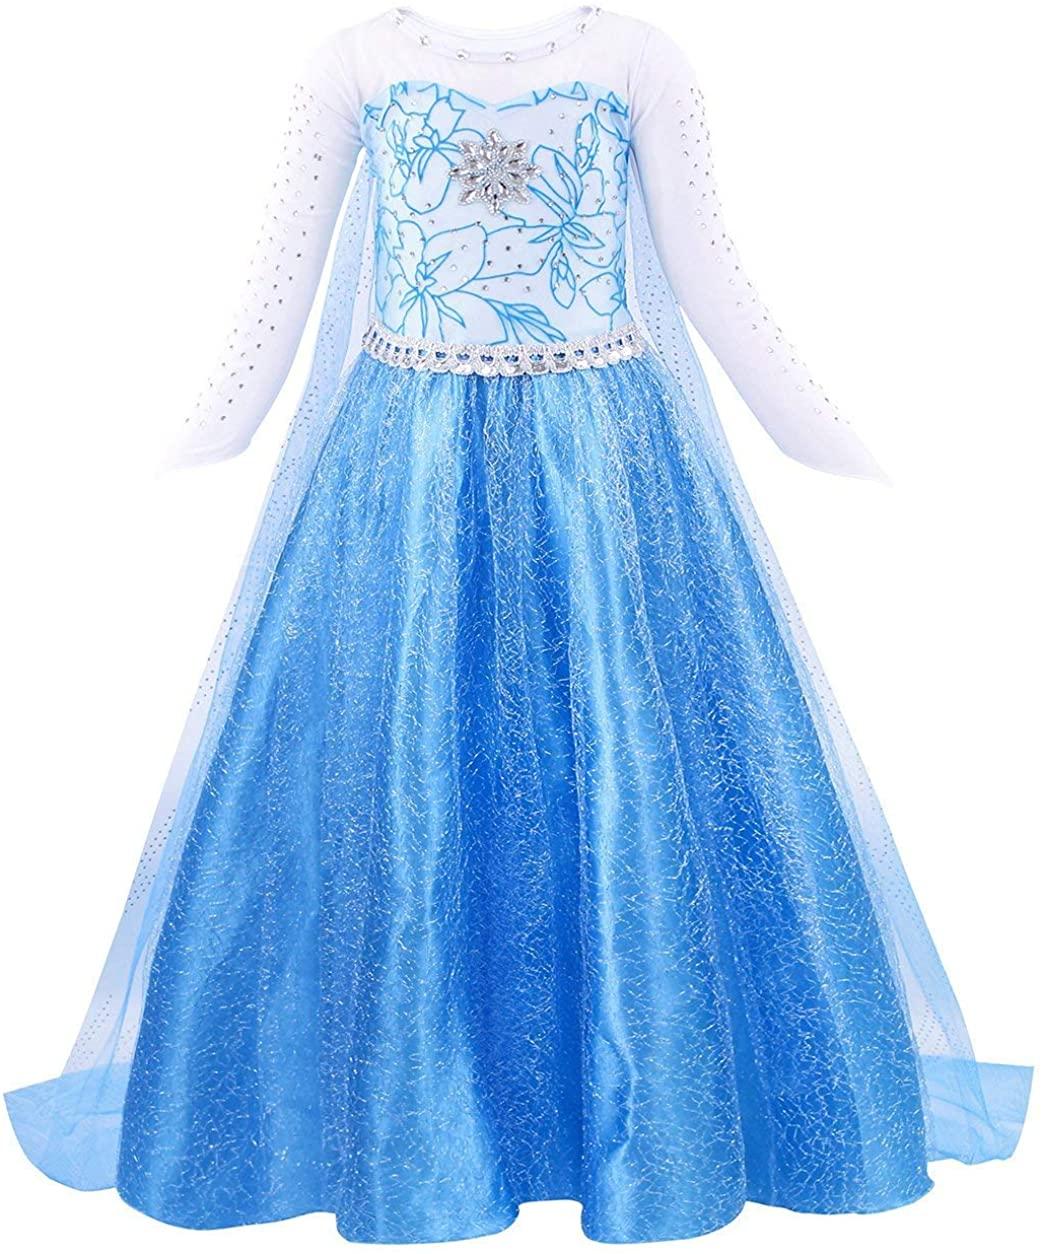 Wocau Little Girls Halloween Snow Princess Party Dress up